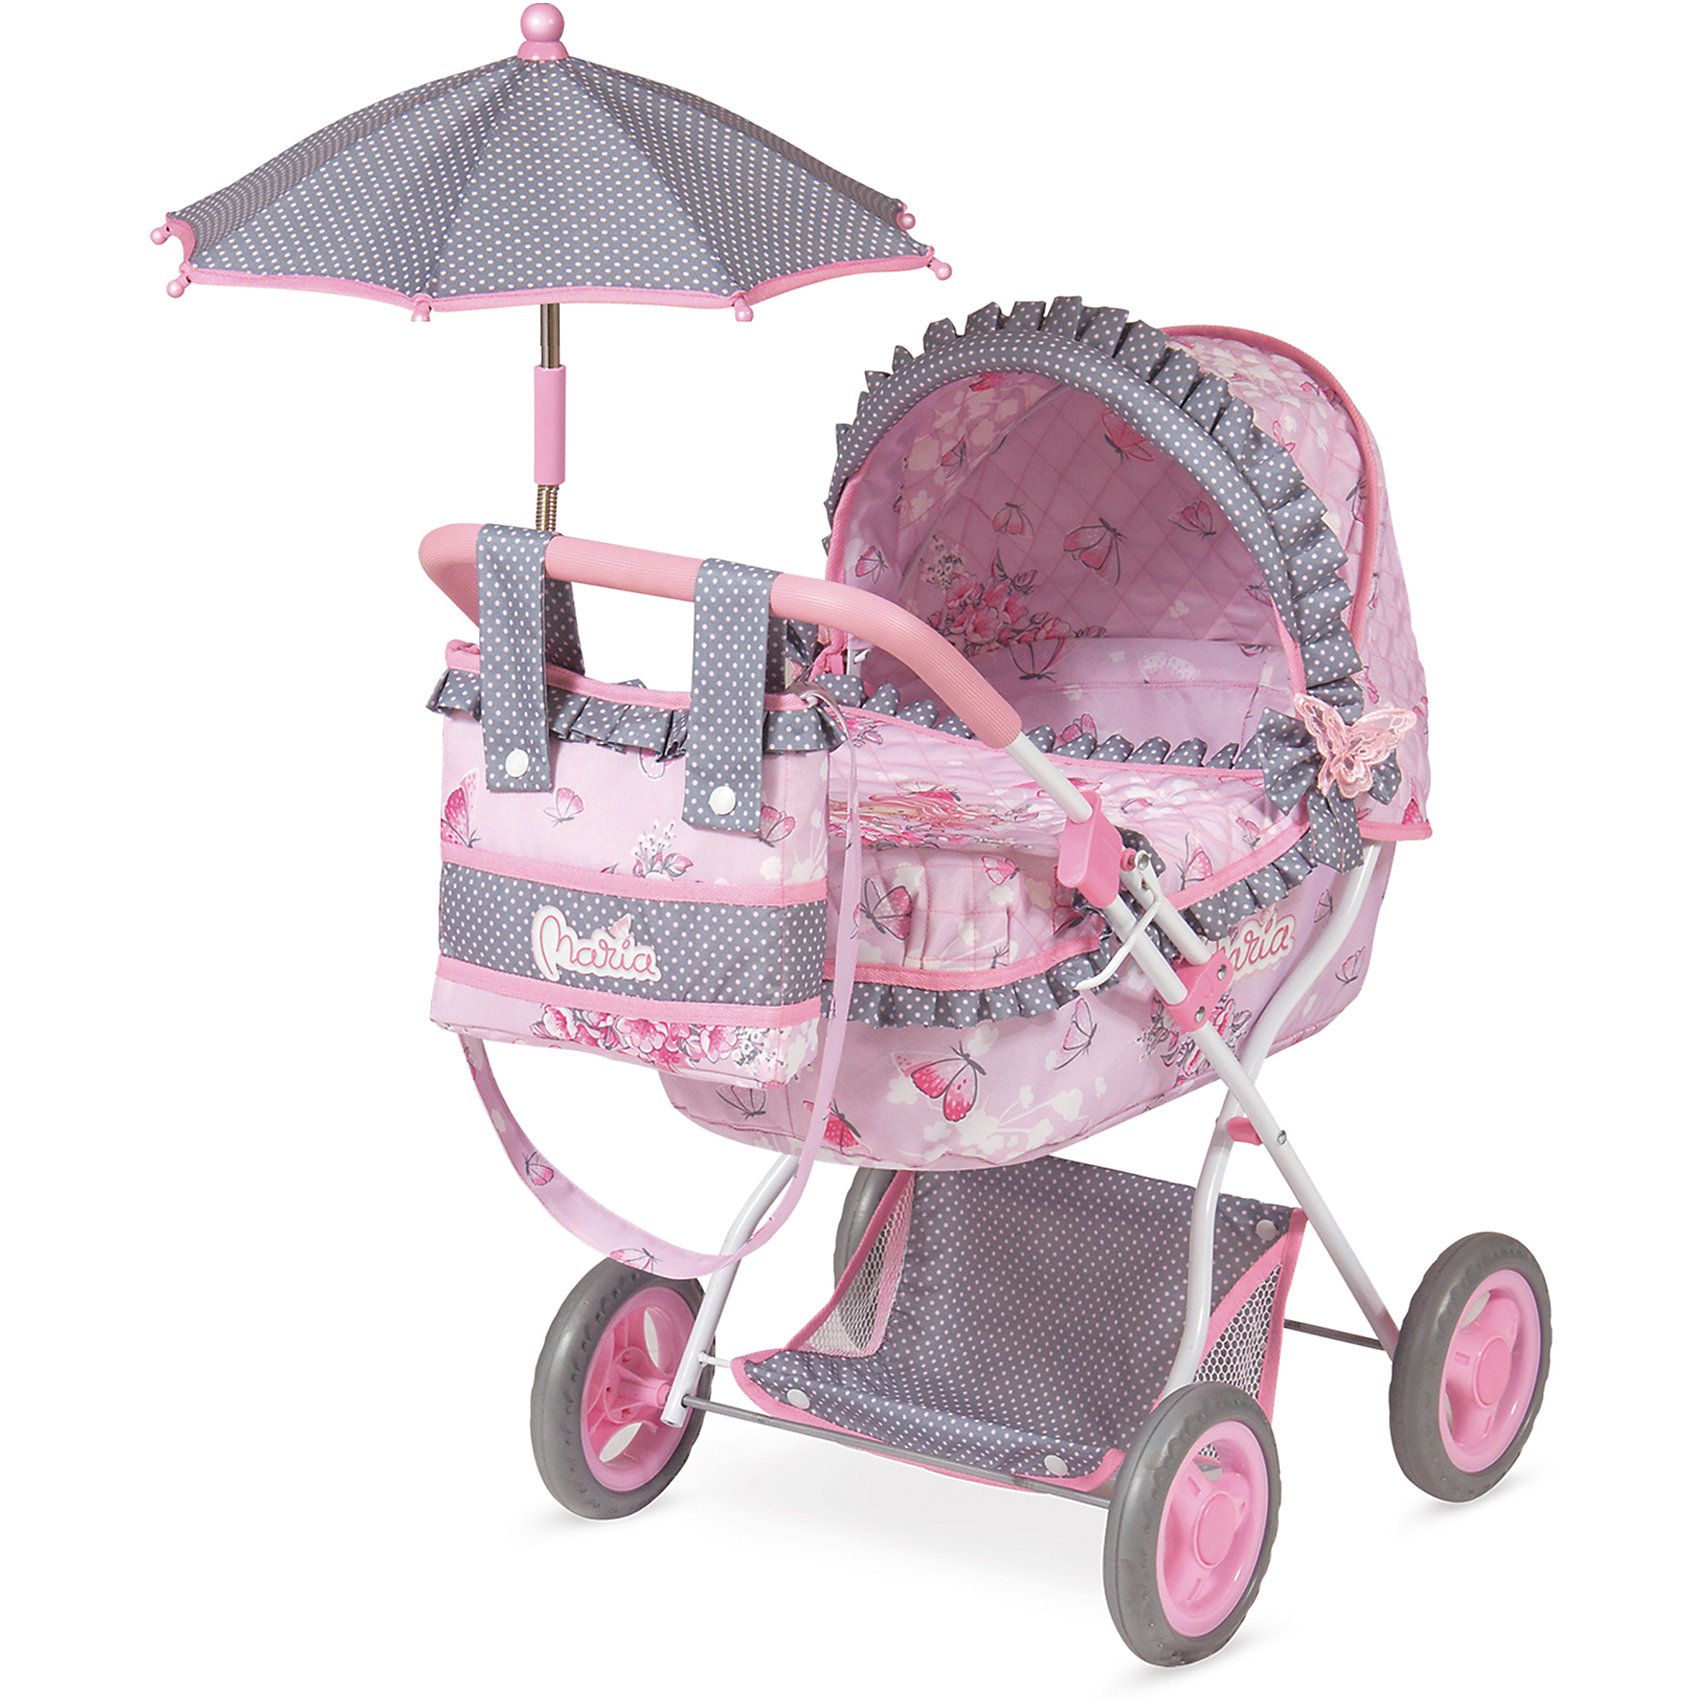 Коляска для куклы с сумкой и зонтиком DeCuevas Мария, 65 смТранспорт и коляски для кукол<br>Коляска для кукол классическая люлька-качалка. Нежно-розового цвета с бантиками и рюшками, сумочкой на ручку, зонтиком и подушкой. У коляски прорезиненные колеса, металлический каркас, удобная сетка внизу для вещей<br><br>Ширина мм: 380<br>Глубина мм: 600<br>Высота мм: 650<br>Вес г: 2863<br>Возраст от месяцев: 36<br>Возраст до месяцев: 2147483647<br>Пол: Женский<br>Возраст: Детский<br>SKU: 6876438